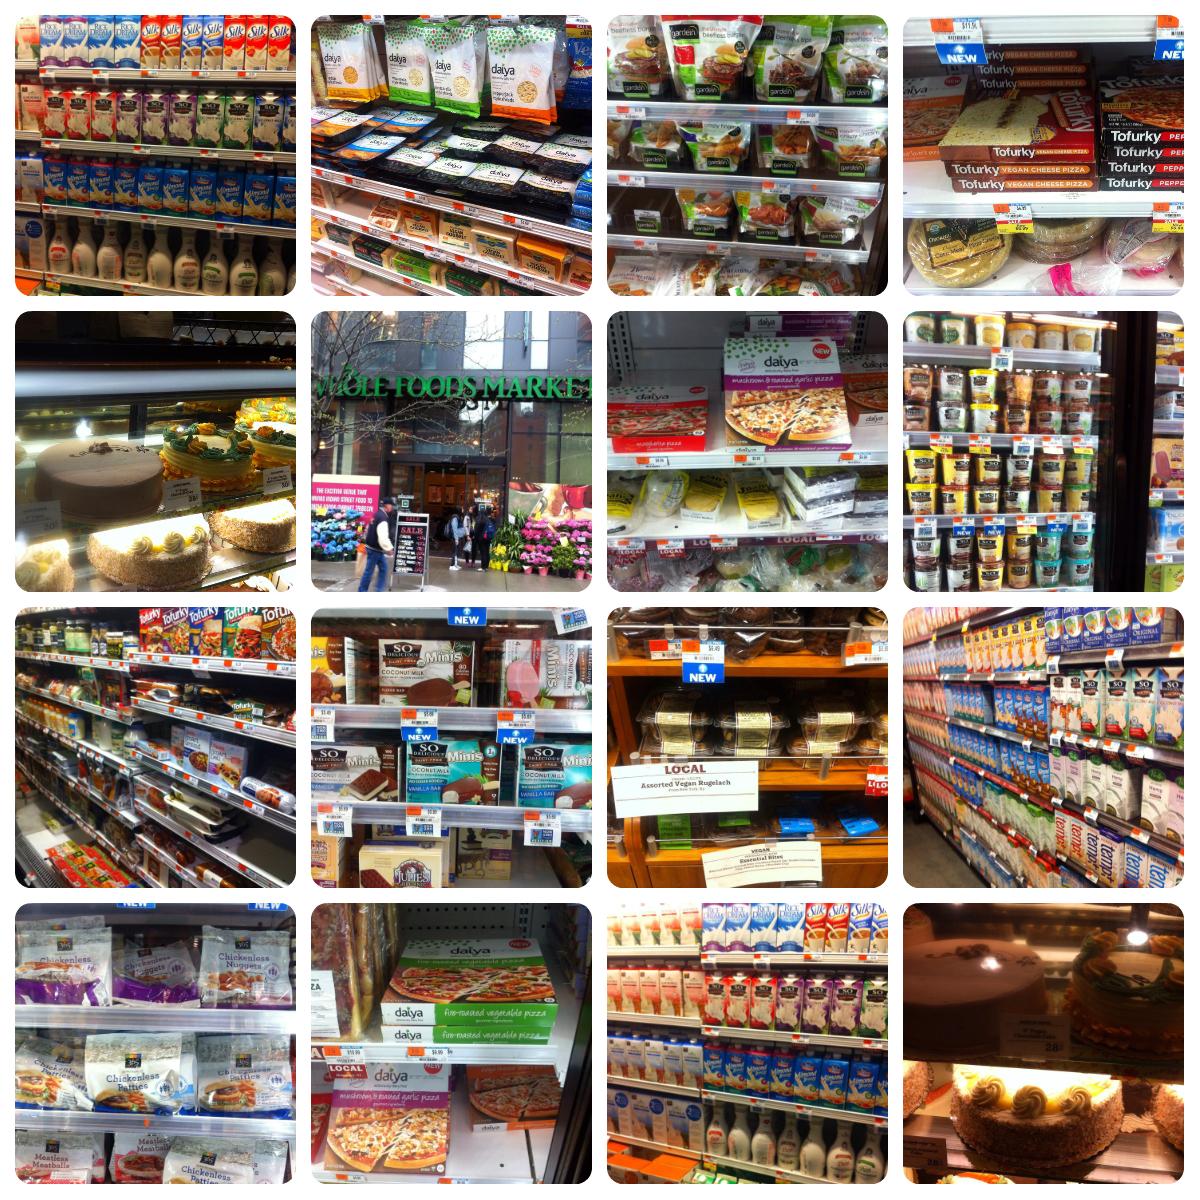 vegansk shopping, new york